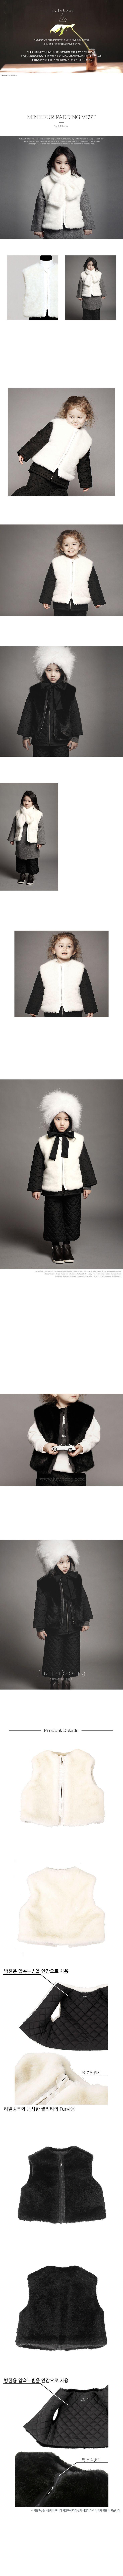 기본 레이아웃 - ★쥬쥬봉(JUJUBONG)★ 패션 디자이너 엄마가 직접 디자인한 베이비쇼룸 ★쥬쥬봉★